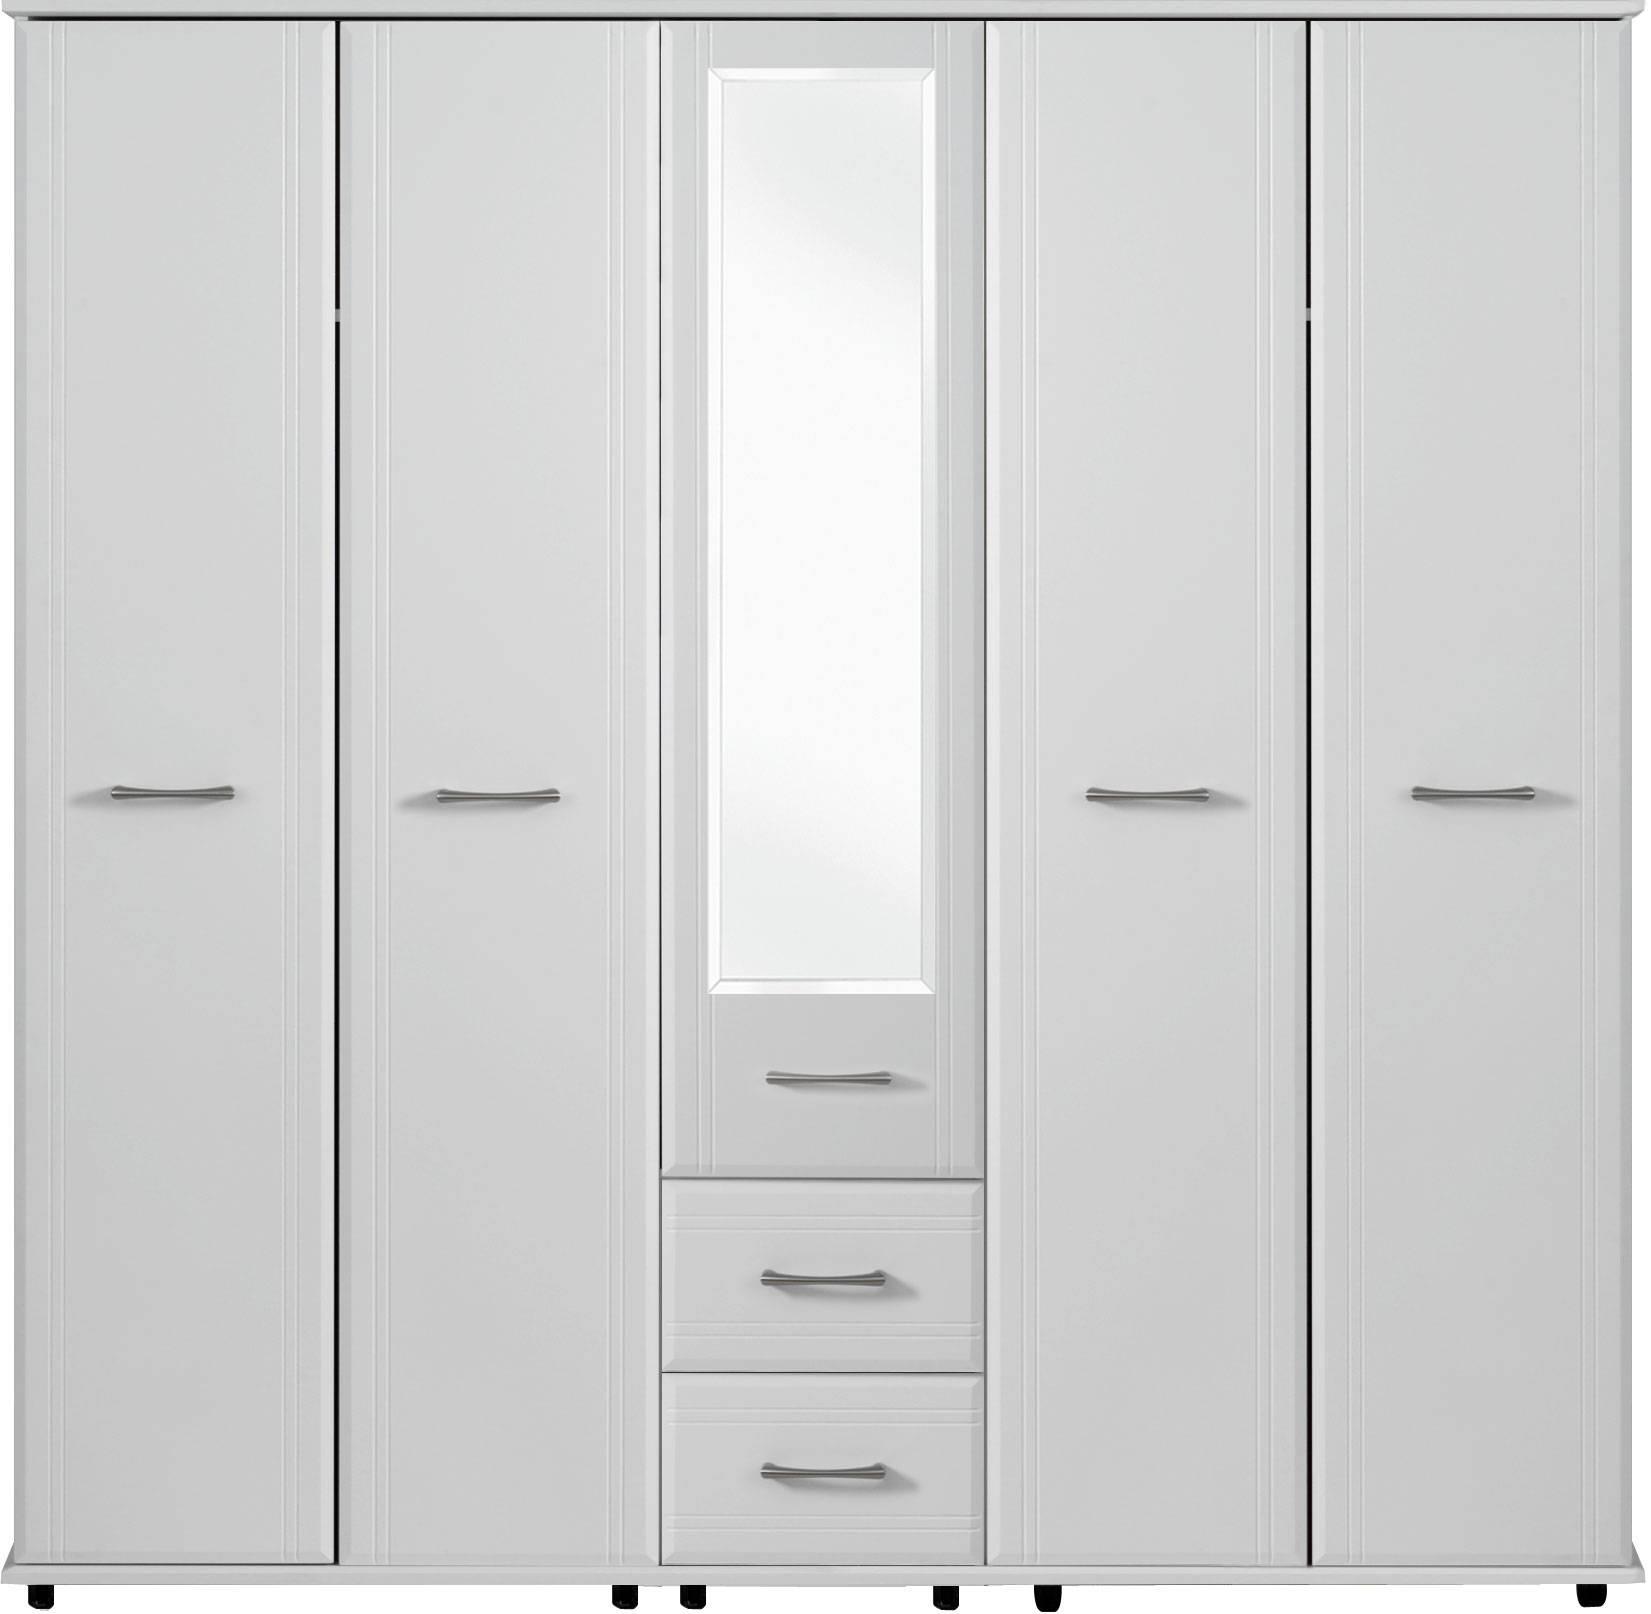 Dorchester 5 Door Wardrobe 1 Mirror 2 Drawers | Crendon Beds in 4 Door Mirrored Wardrobes (Image 5 of 15)